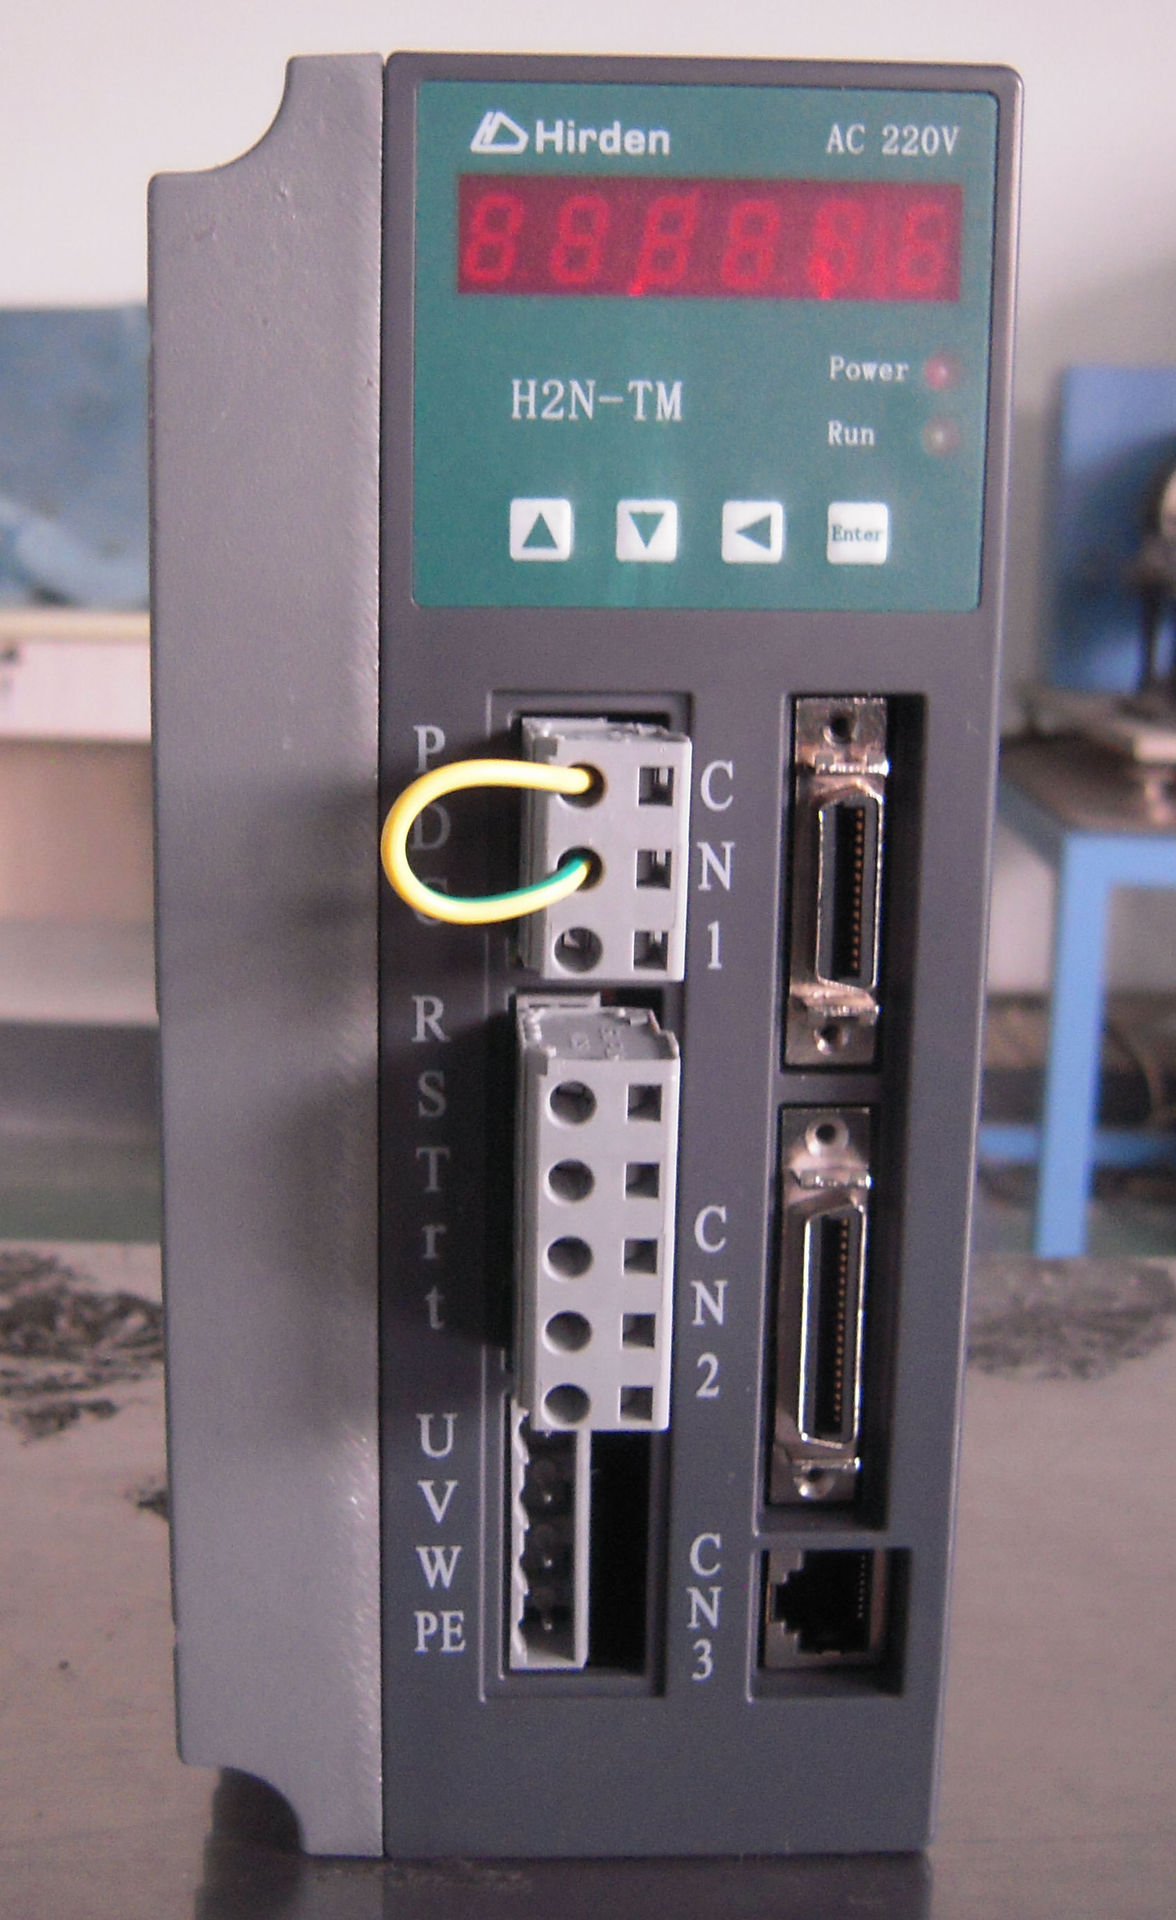 Các nhà sản xuất sản phẩm trong nước H3N-TD ổ định vị hệ thống servo